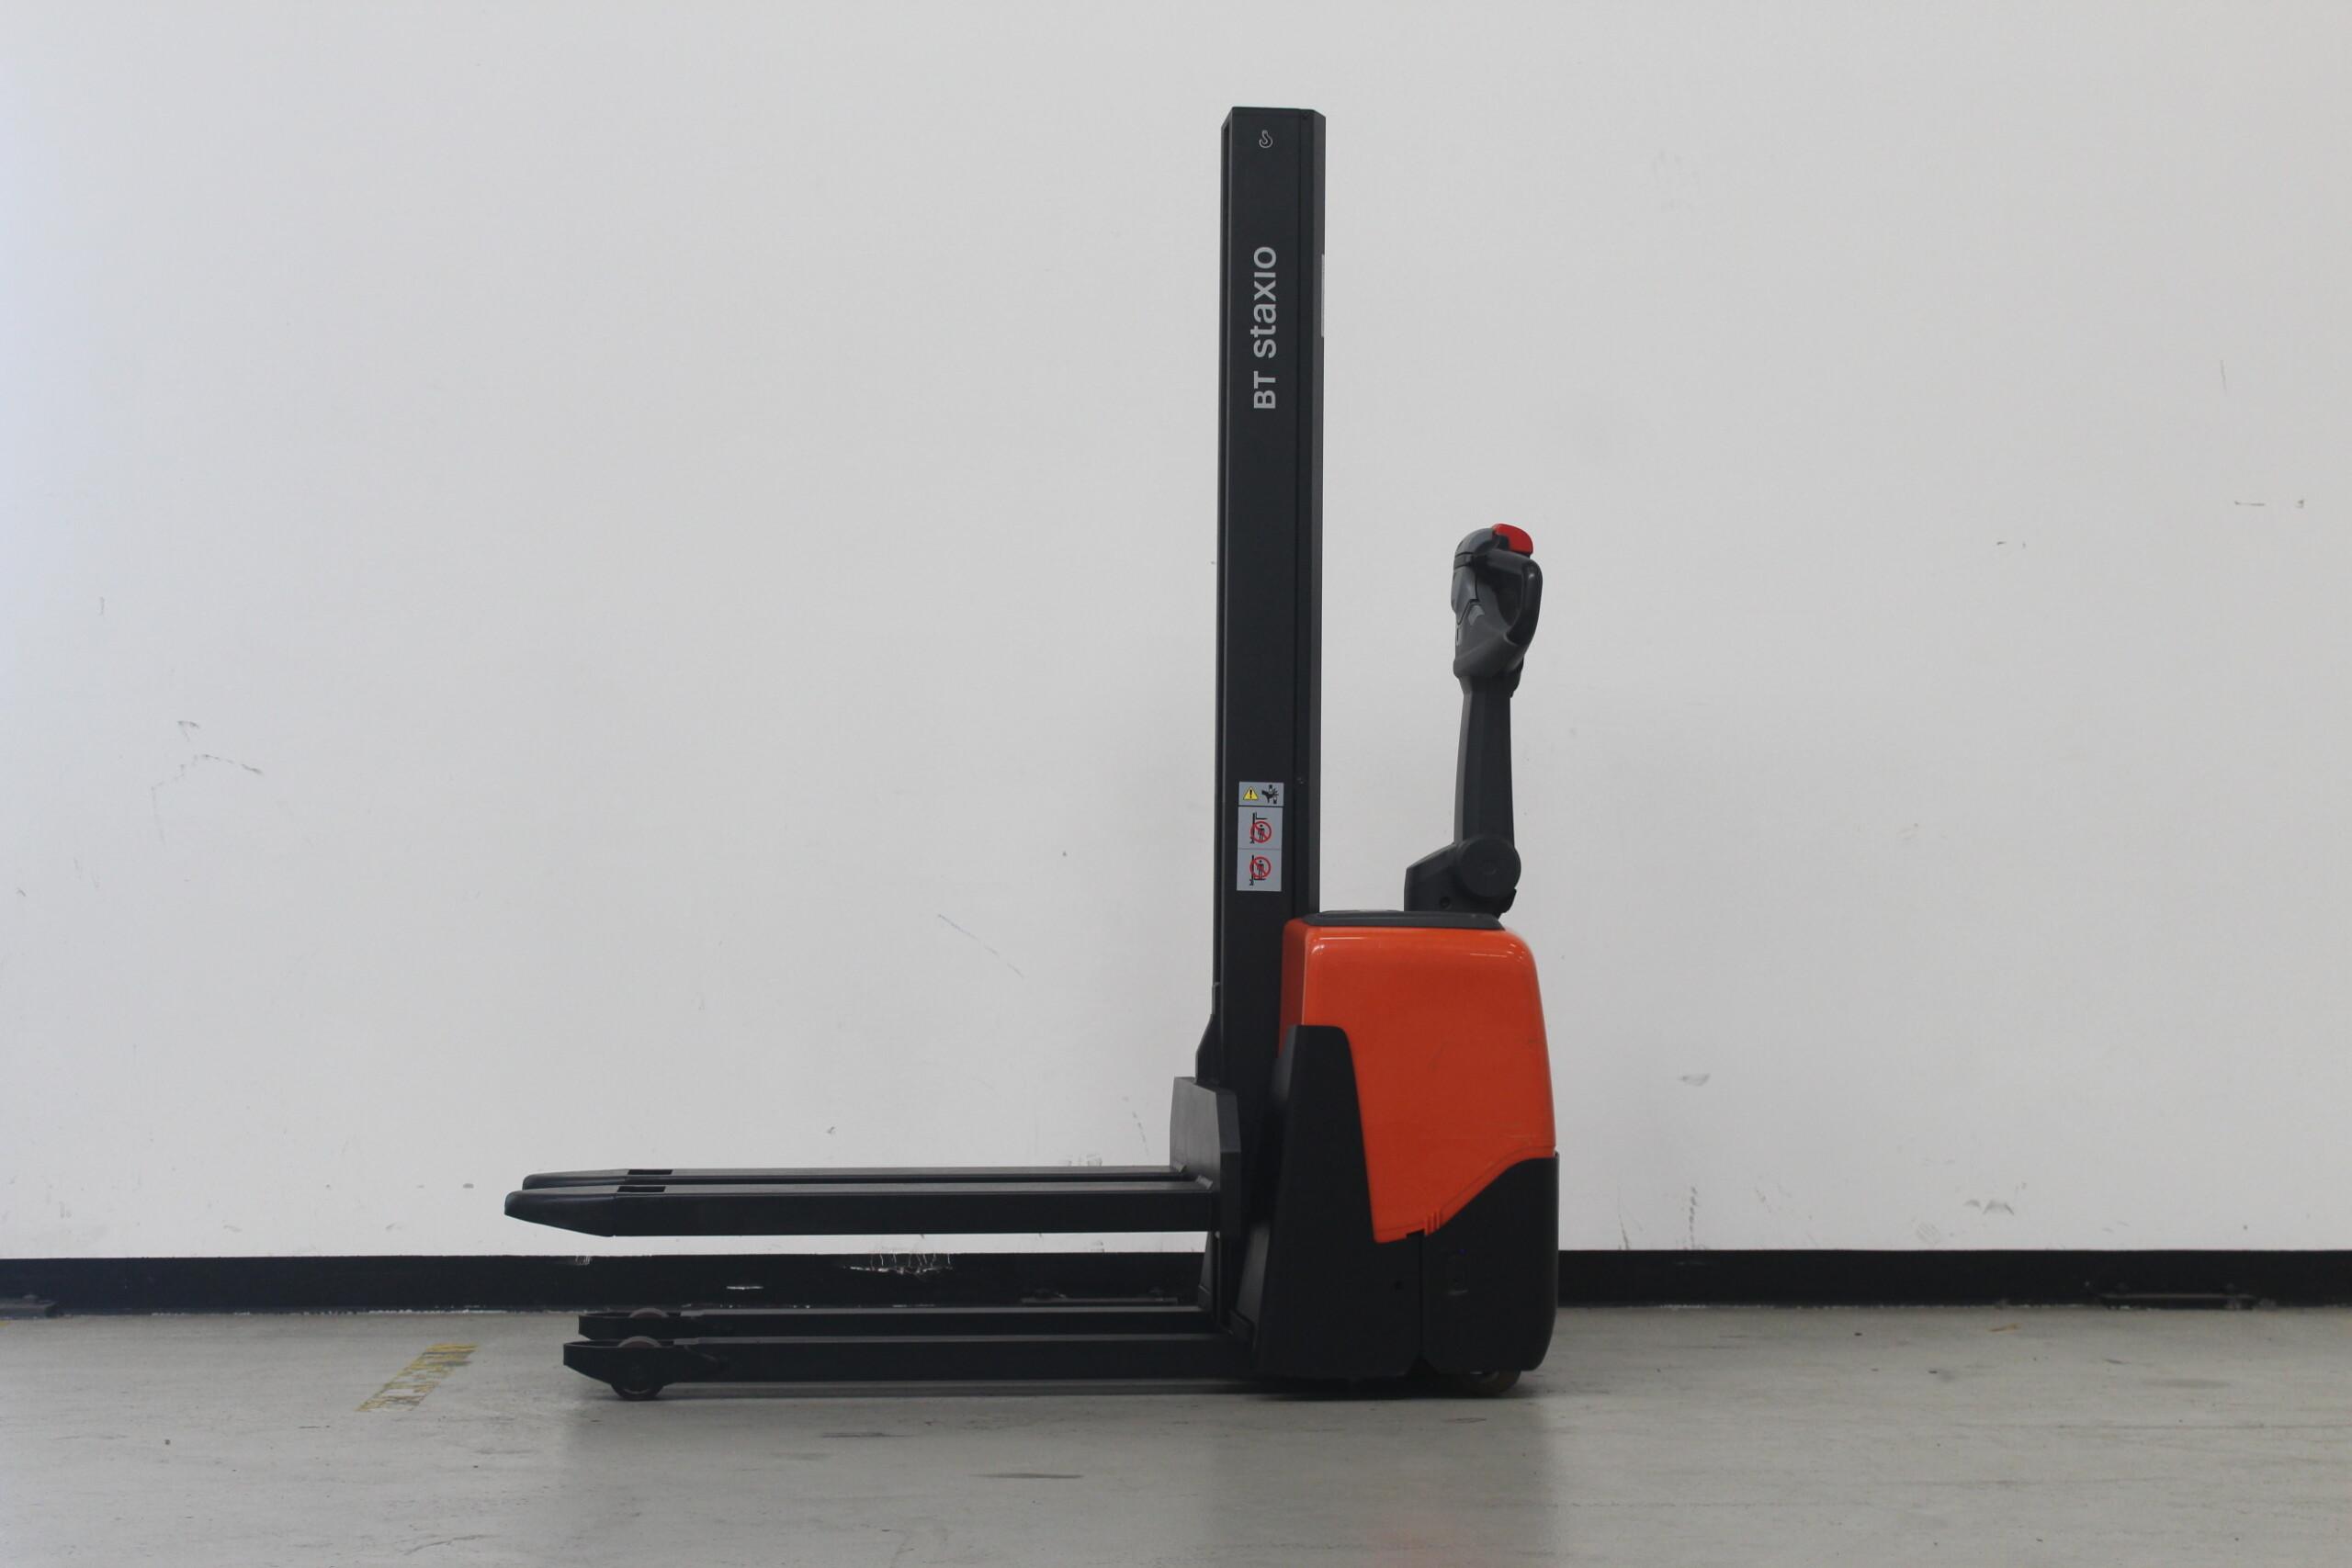 Toyota-Gabelstapler-59840 1707008898 1 8 scaled